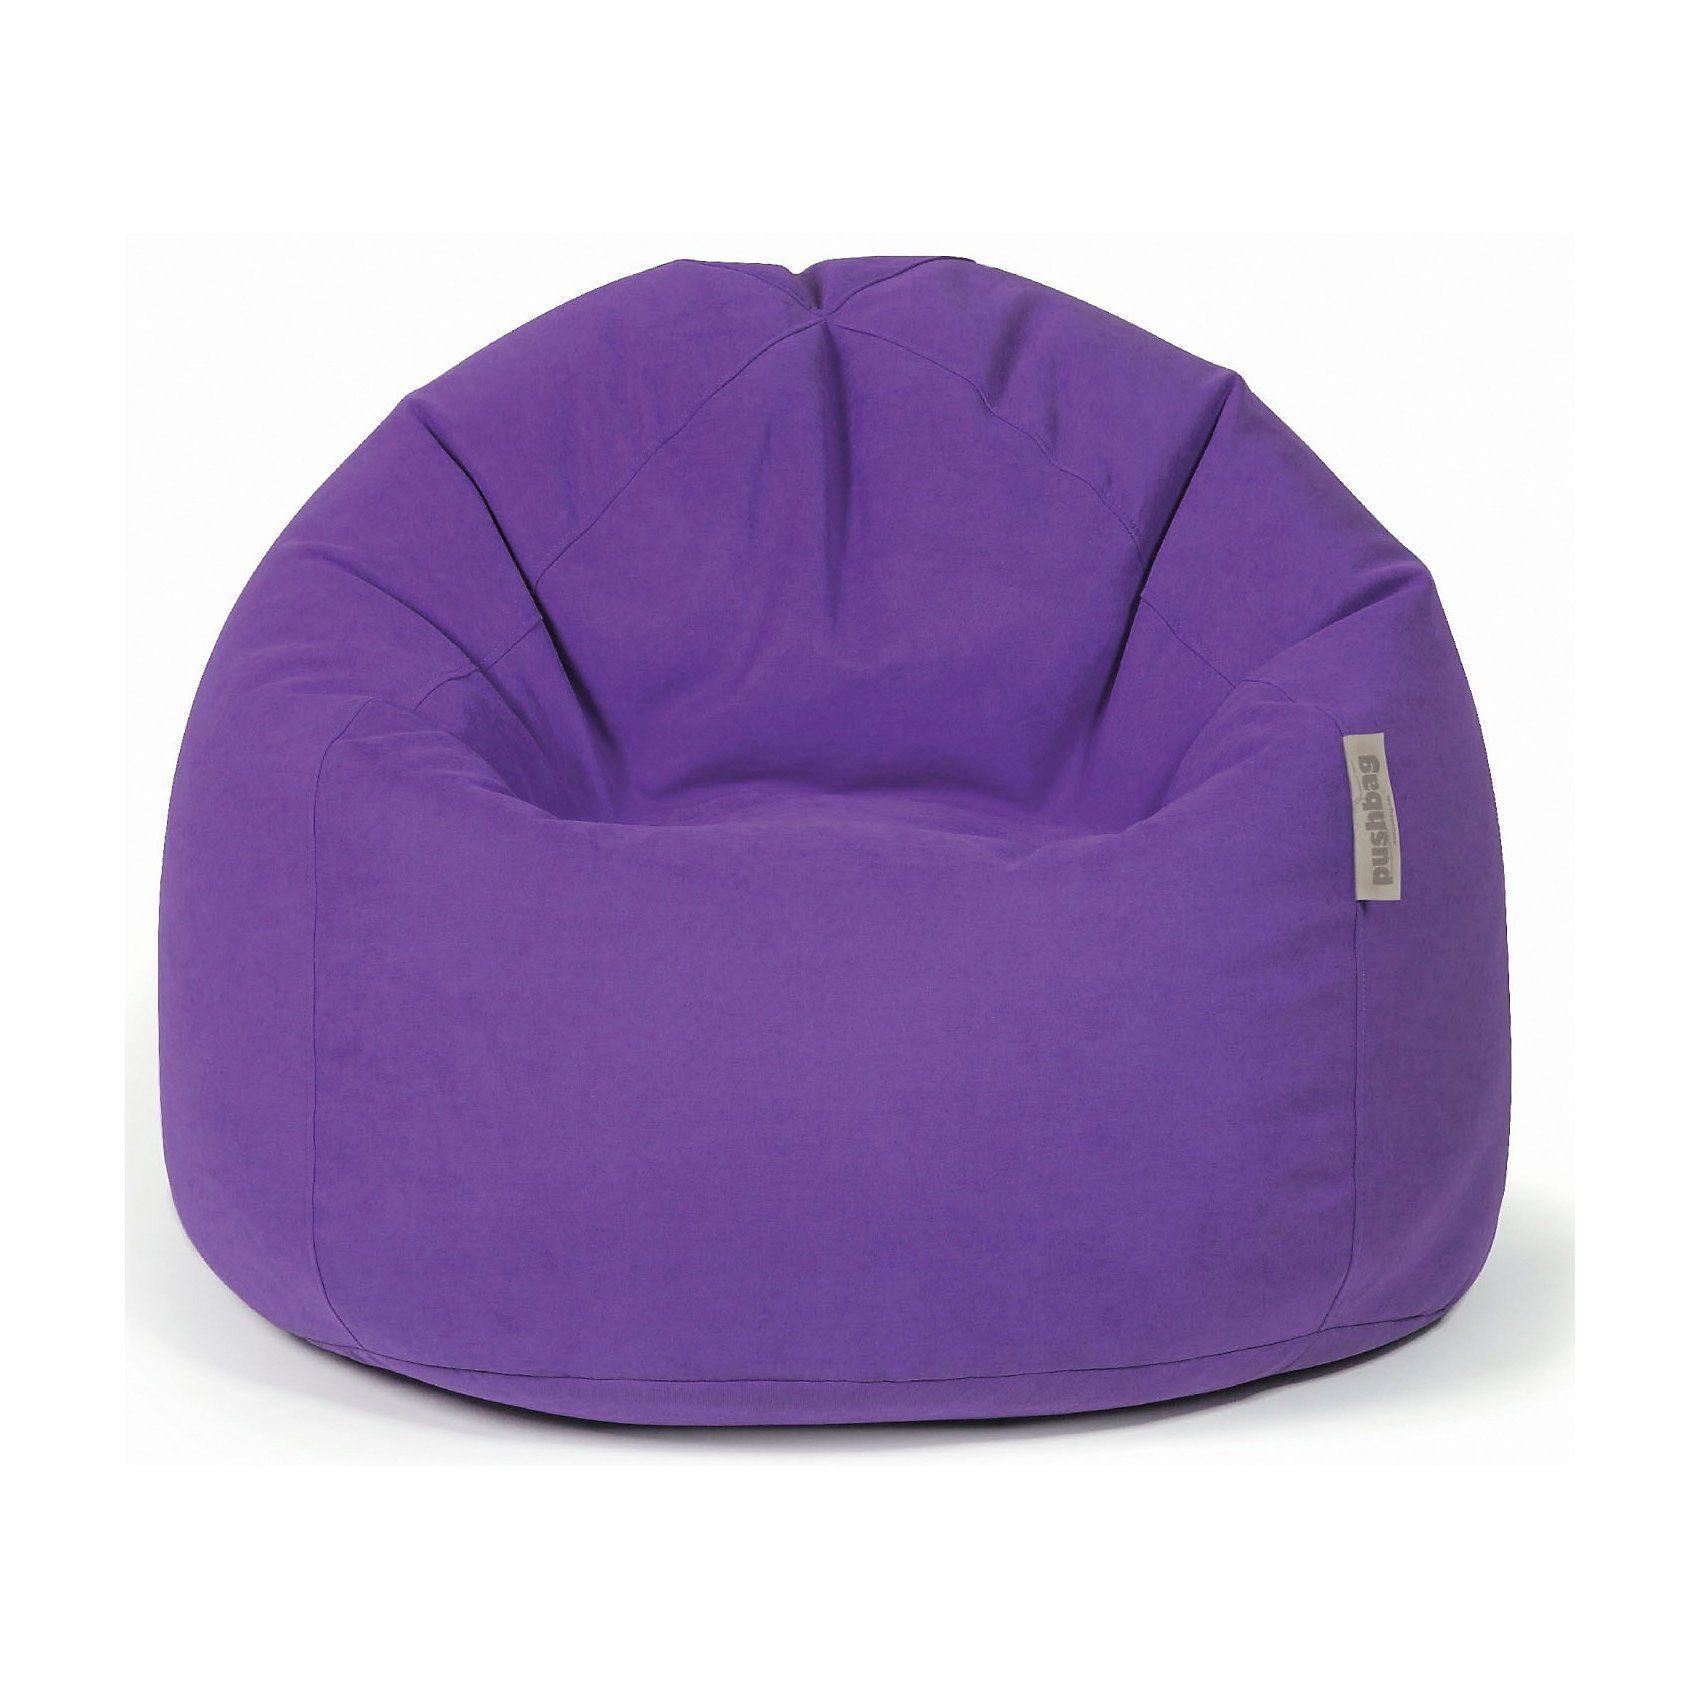 Sitzsack BAG 500, Soft, lila